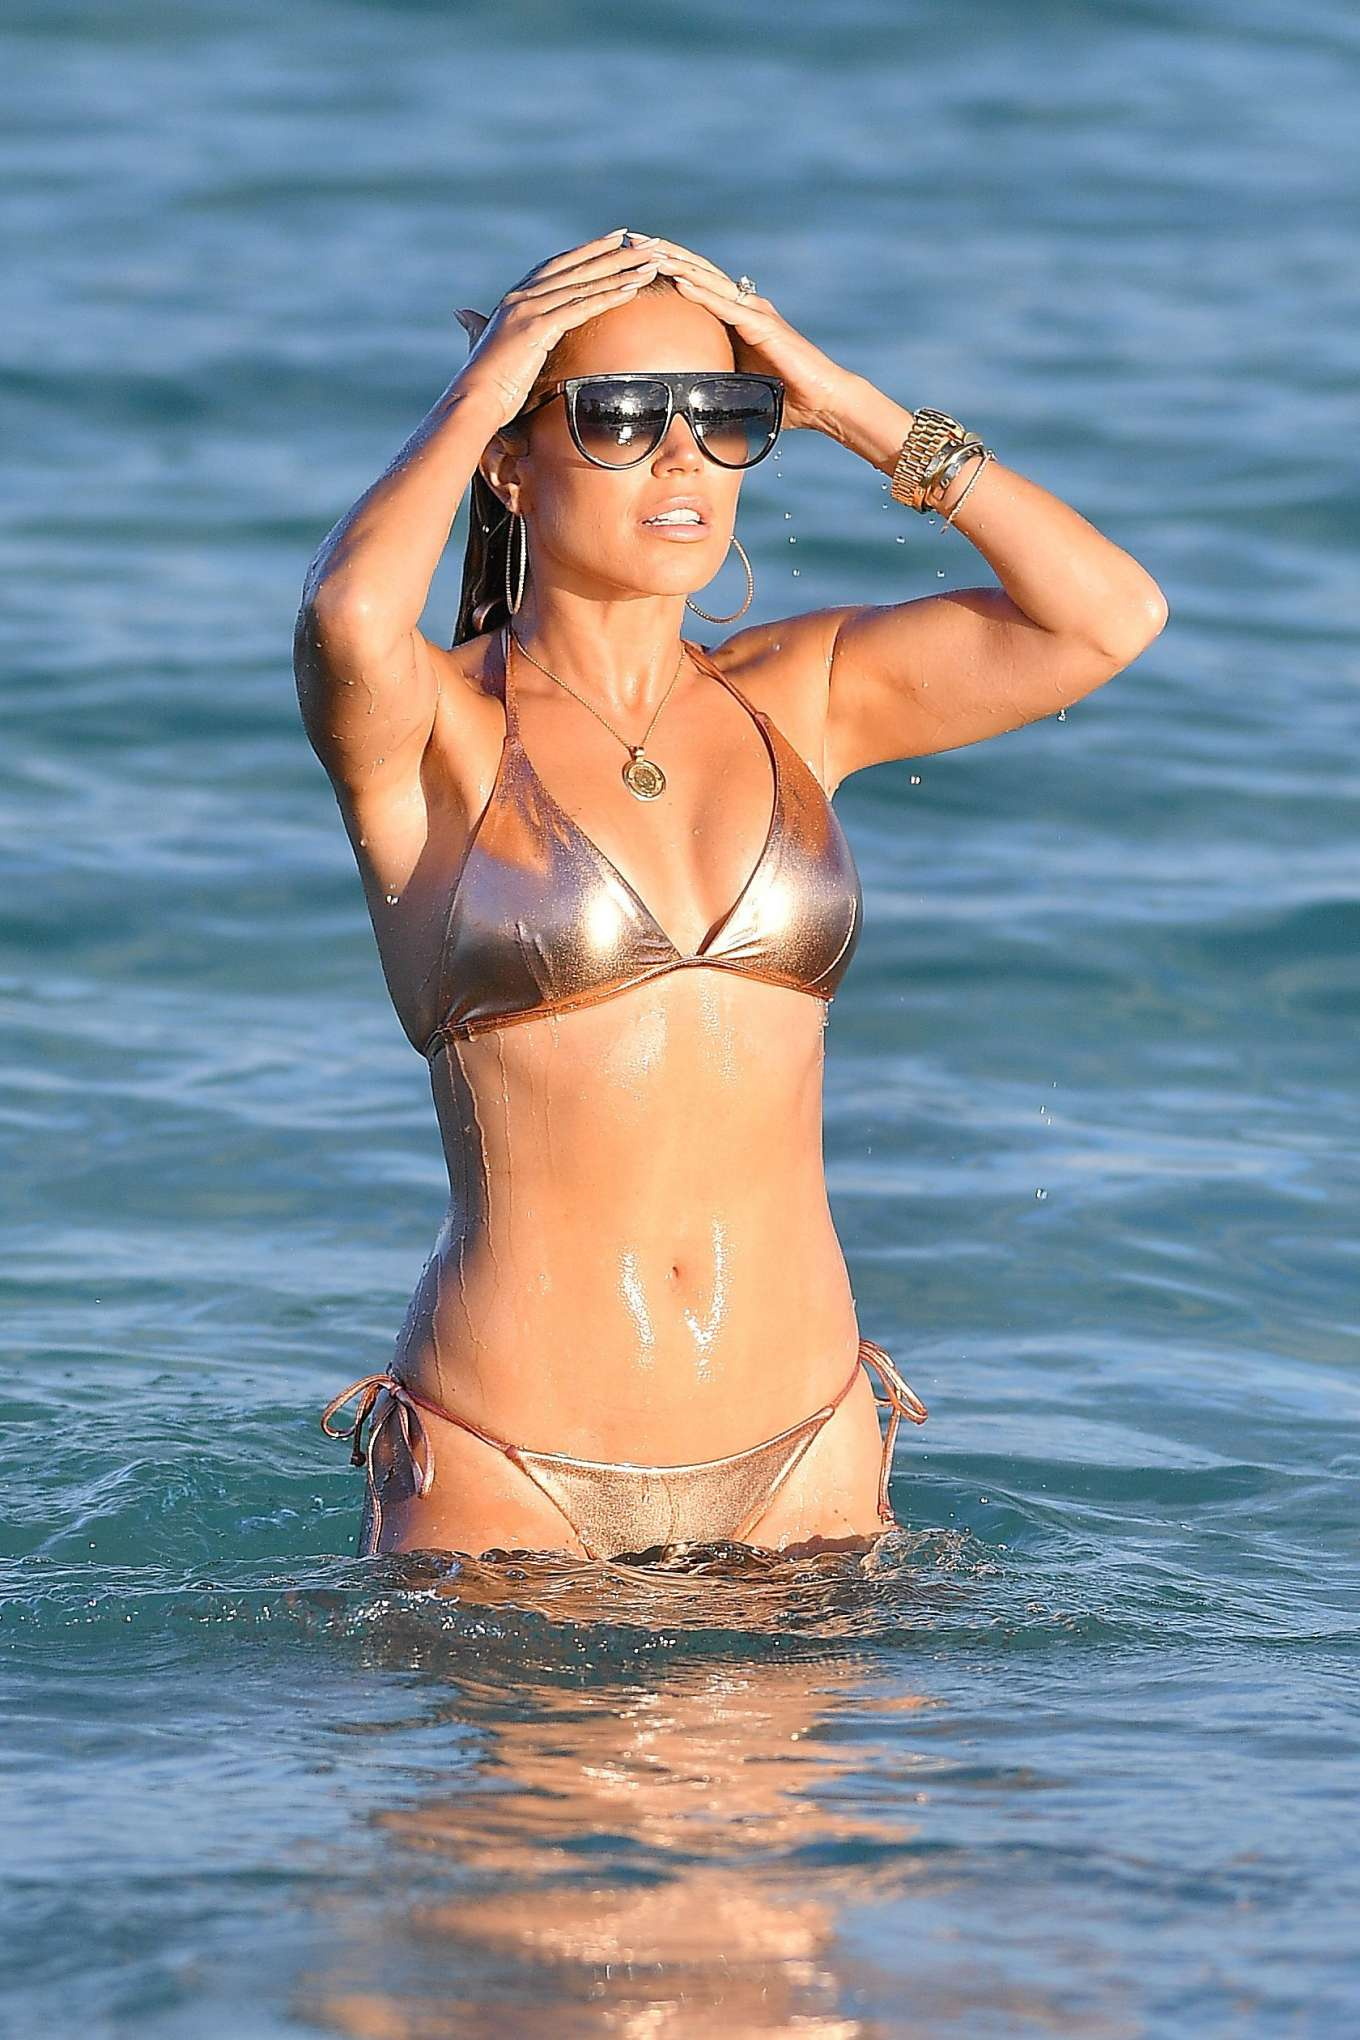 Sylvie Meis 2019 : Sylvie Meis – Wearing Bikinis at the beach in Miami Beach-17